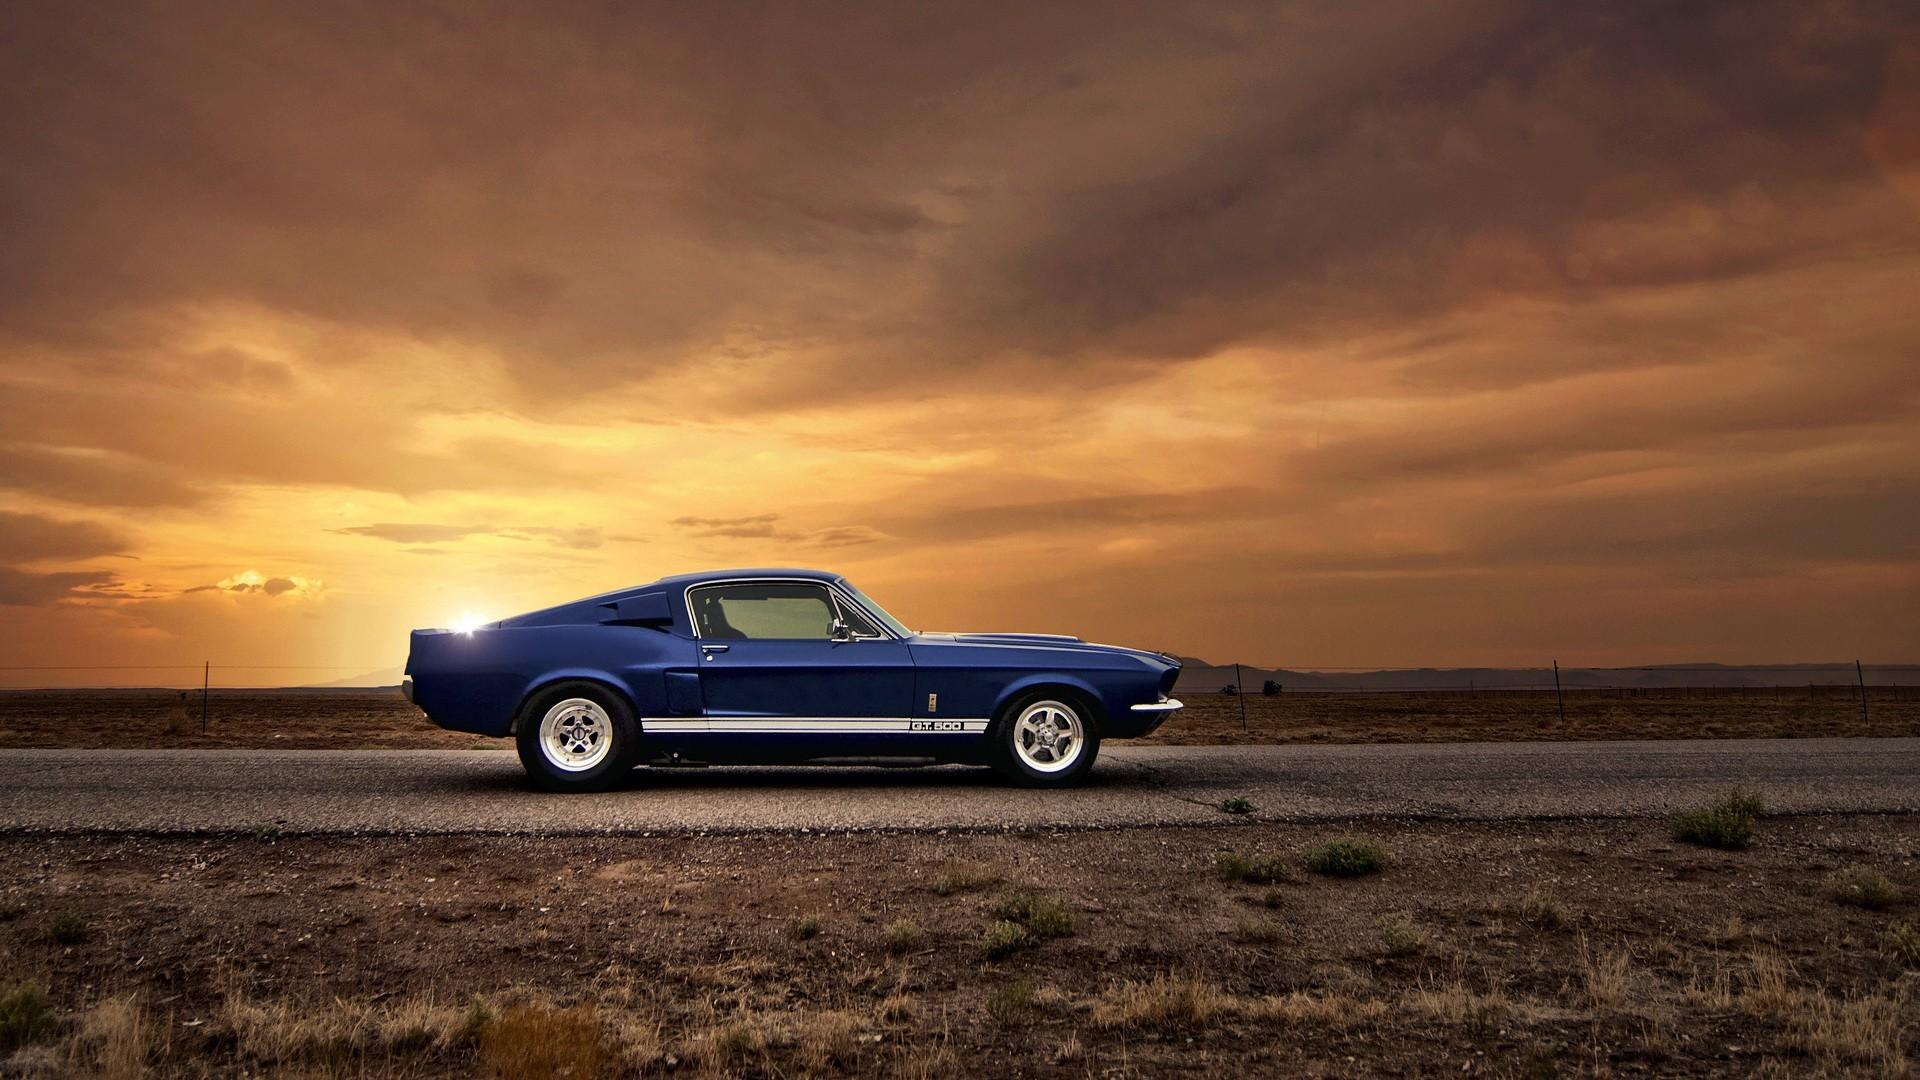 Mustang Gt500 Wallpaper Wallpapersafari